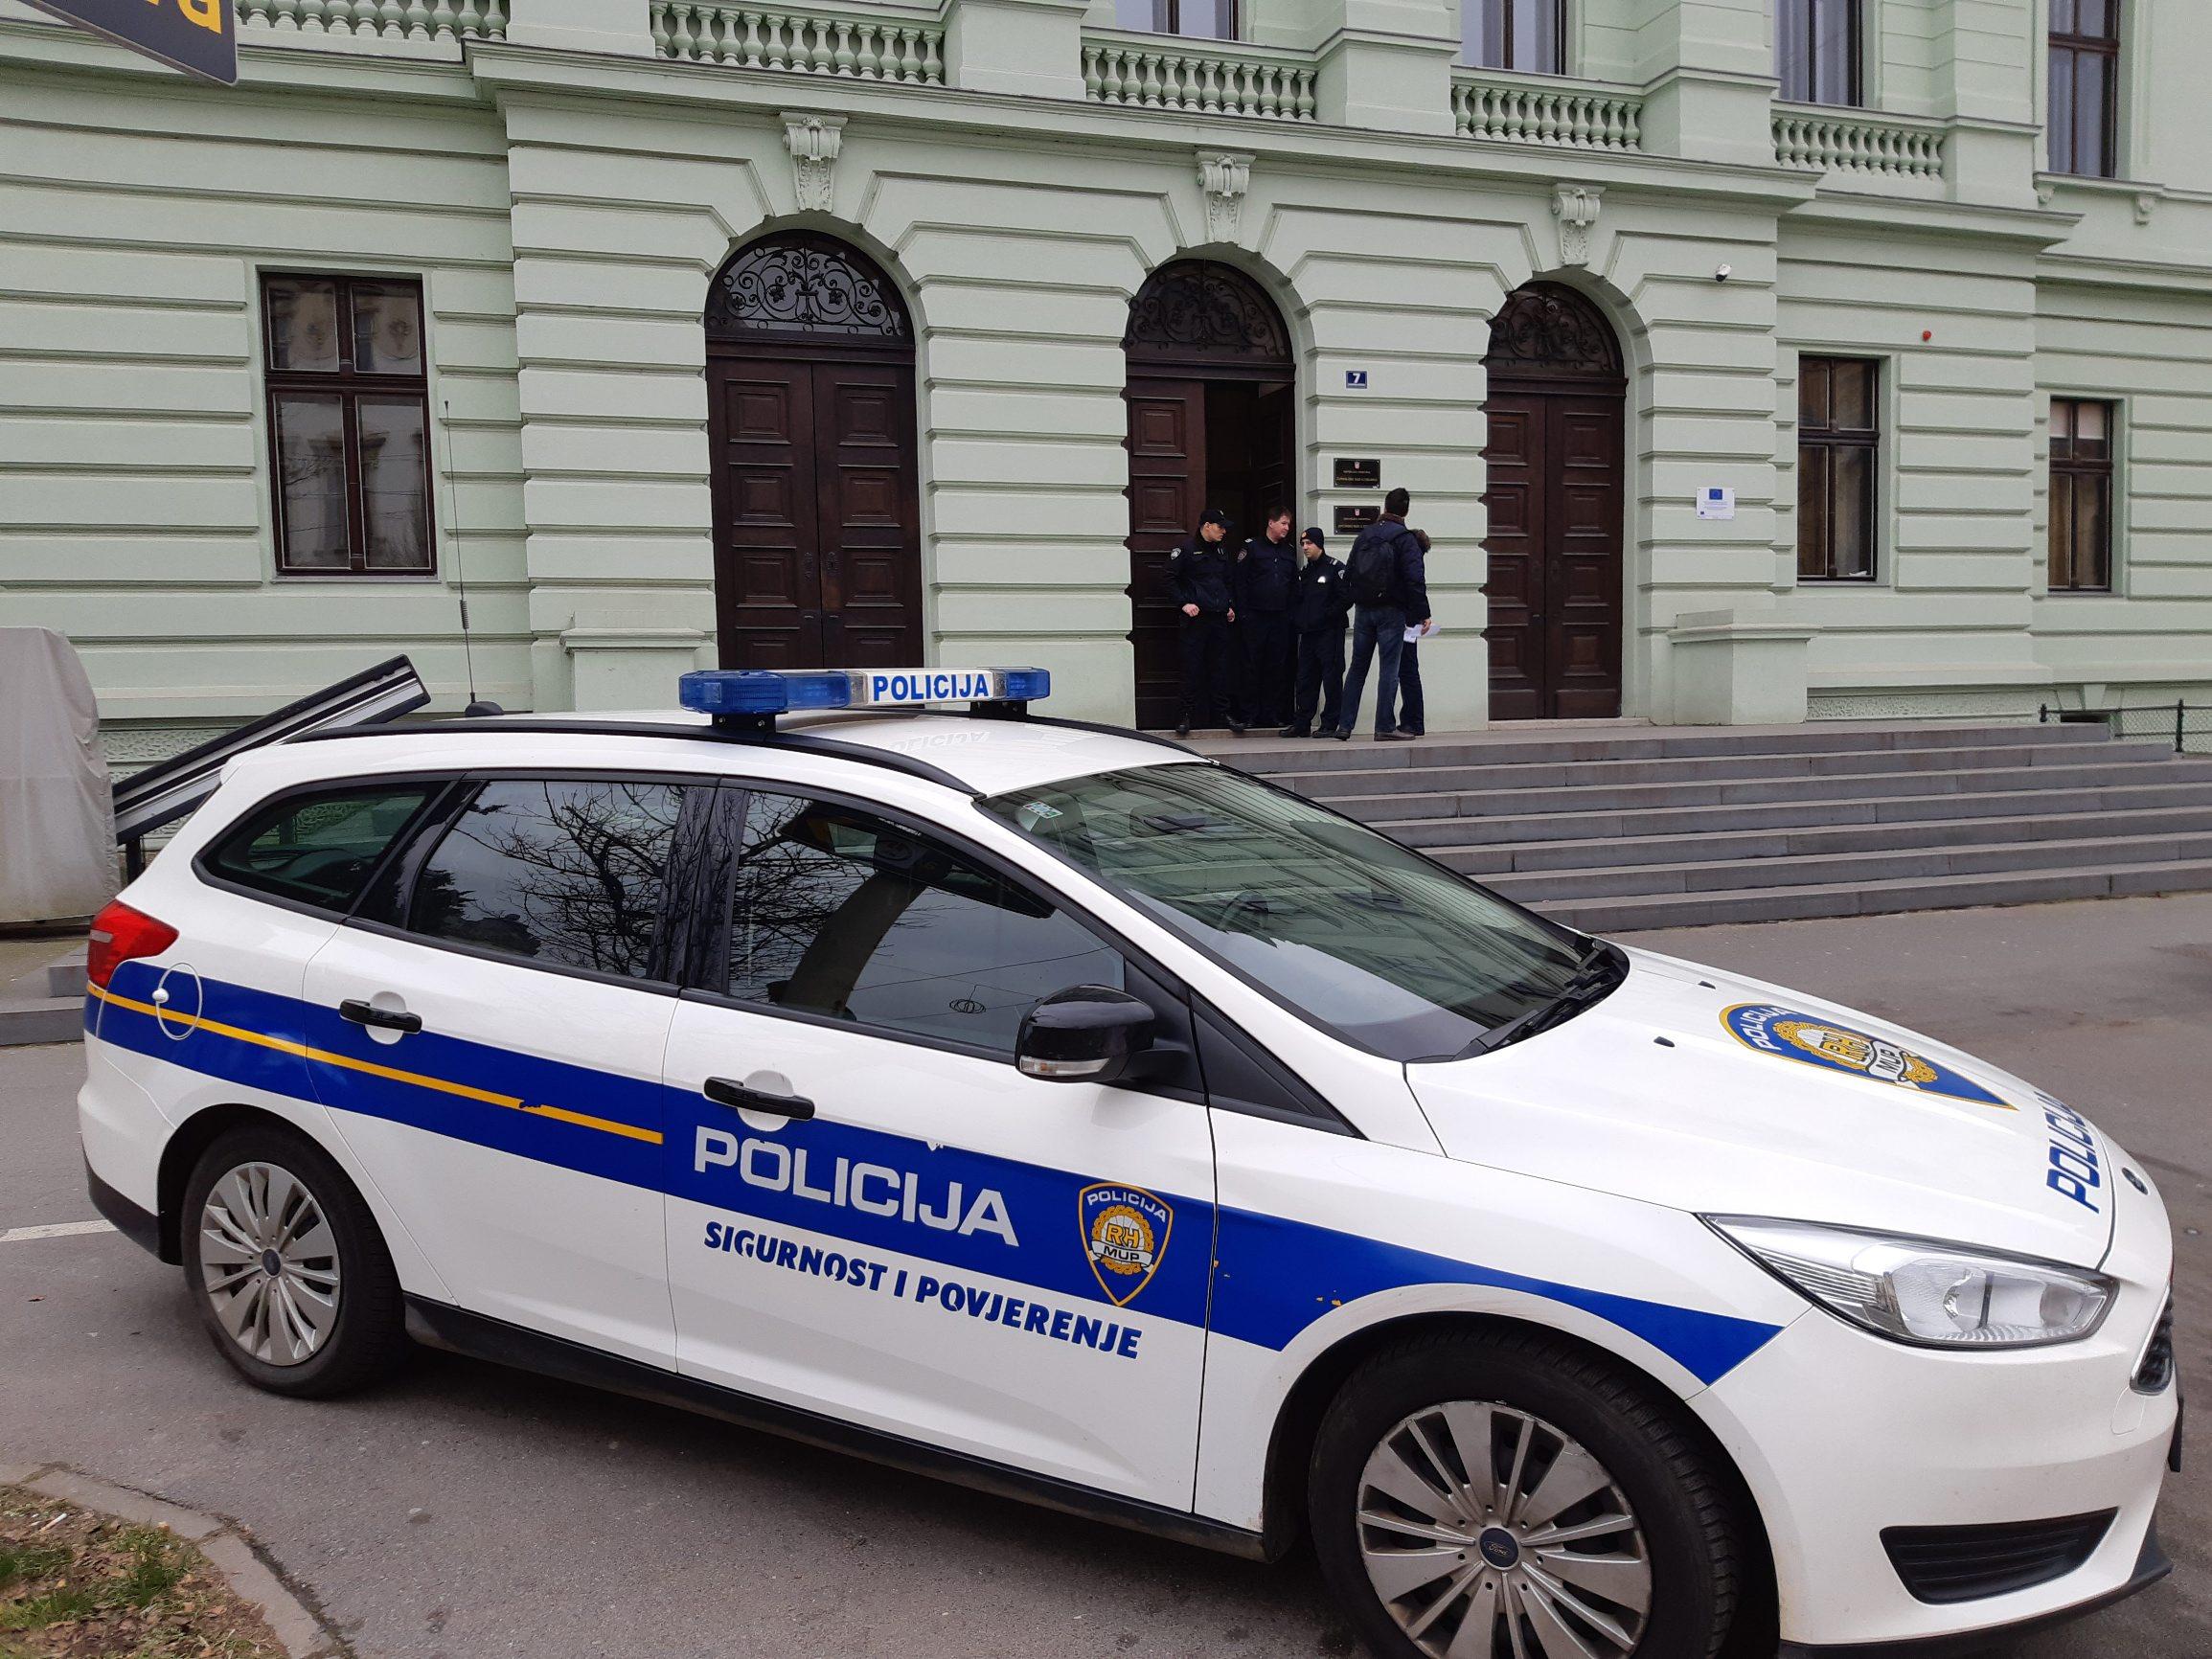 Županijski sud u Osijeku